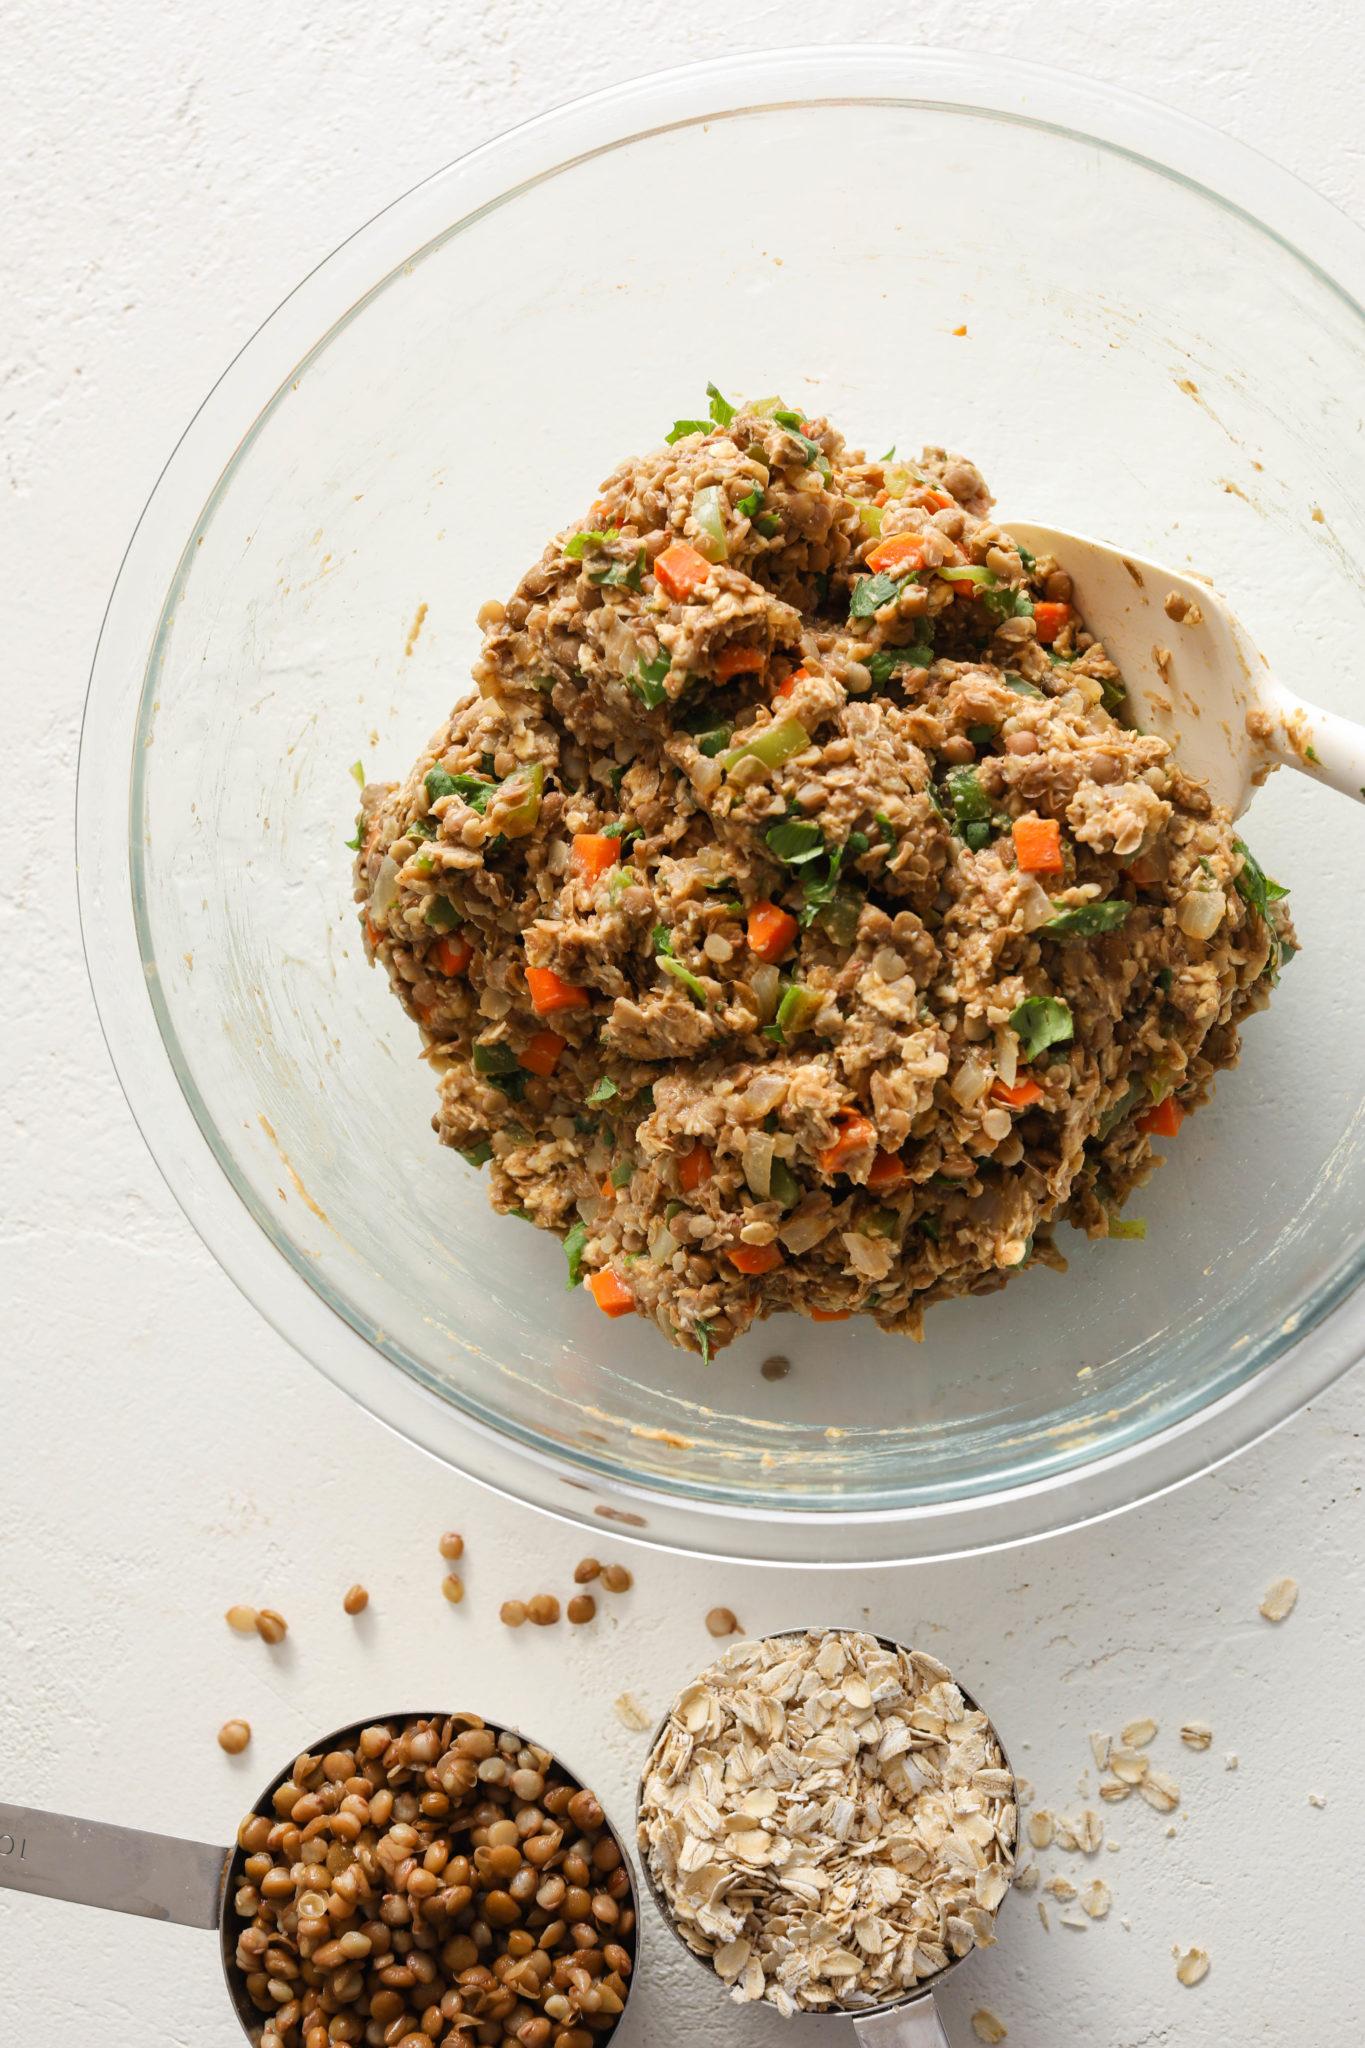 Lentil Oat Loaf (Vegan & Gluten-Free!) mixed in bowl